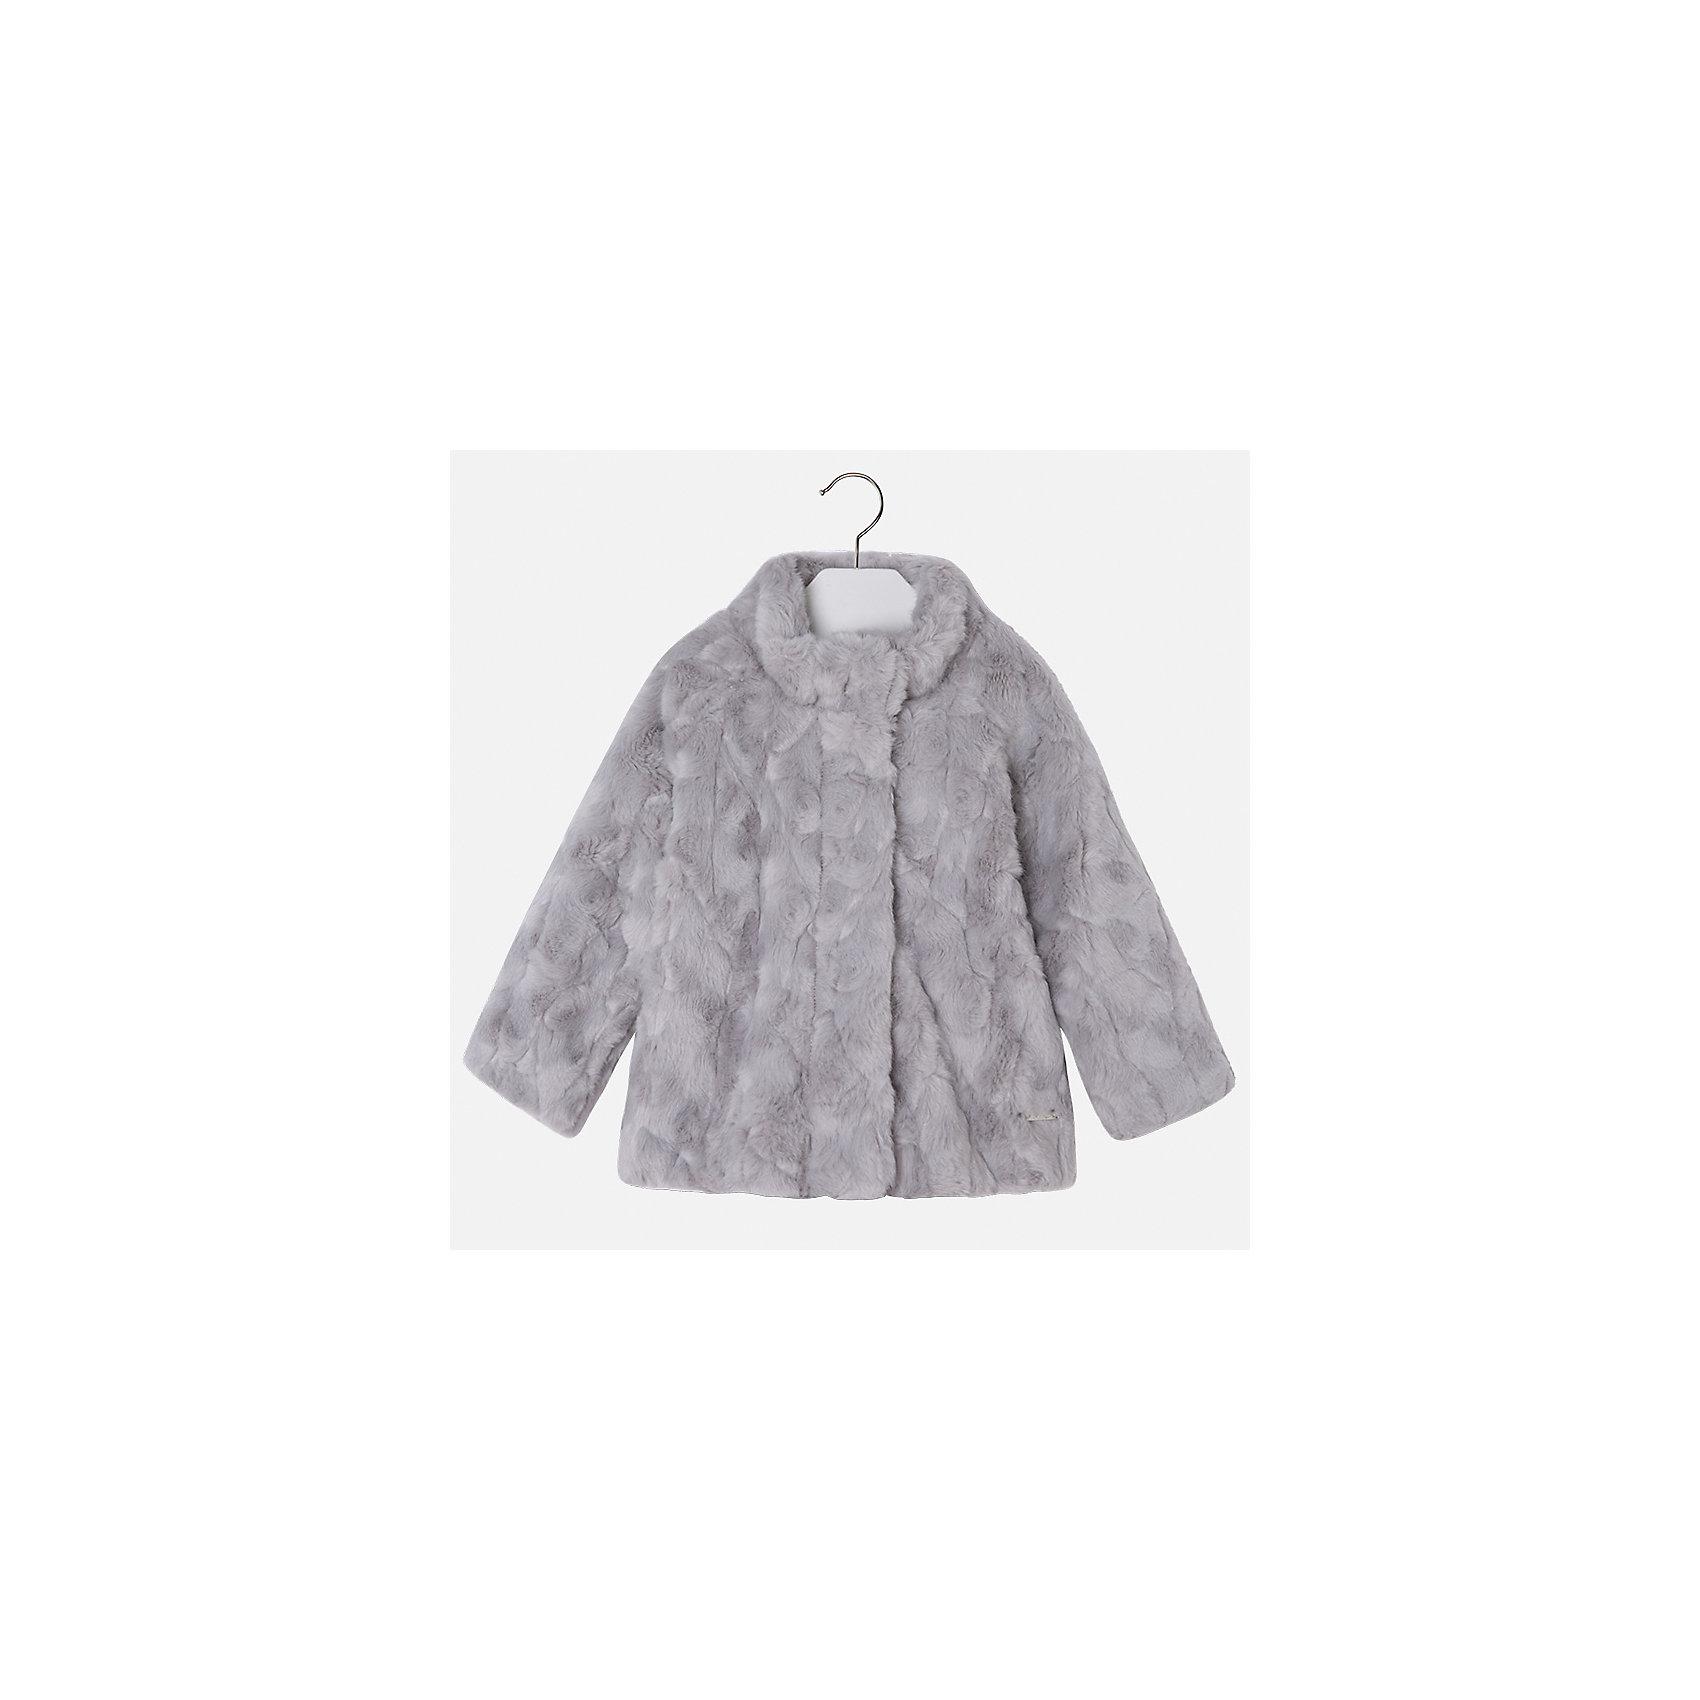 Куртка для девочки MayoralВерхняя одежда<br>Характеристики товара:<br><br>• цвет: серый<br>• состав ткани: 100% акрил, подклад - 65% полиэстер, 35% акрил<br>• застежка: молния<br>• длинные рукава<br>• сезон: демисезон<br>• температурный режим: от 0 до -10С<br>• страна бренда: Испания<br>• страна изготовитель: Индия<br><br>Модная куртка сделана из качественного материала. Такая куртка для девочки от бренда Майорал поможет ребенку выглядеть модно и чувствовать себя комфортно. <br><br>Для производства детской одежды популярный бренд Mayoral использует только качественную фурнитуру и материалы. Оригинальные и модные вещи от Майорал неизменно привлекают внимание и нравятся детям.<br><br>Куртку для девочки Mayoral (Майорал) можно купить в нашем интернет-магазине.<br><br>Ширина мм: 356<br>Глубина мм: 10<br>Высота мм: 245<br>Вес г: 519<br>Цвет: белый<br>Возраст от месяцев: 96<br>Возраст до месяцев: 108<br>Пол: Женский<br>Возраст: Детский<br>Размер: 134,92,98,104,110,116,122,128<br>SKU: 6924456